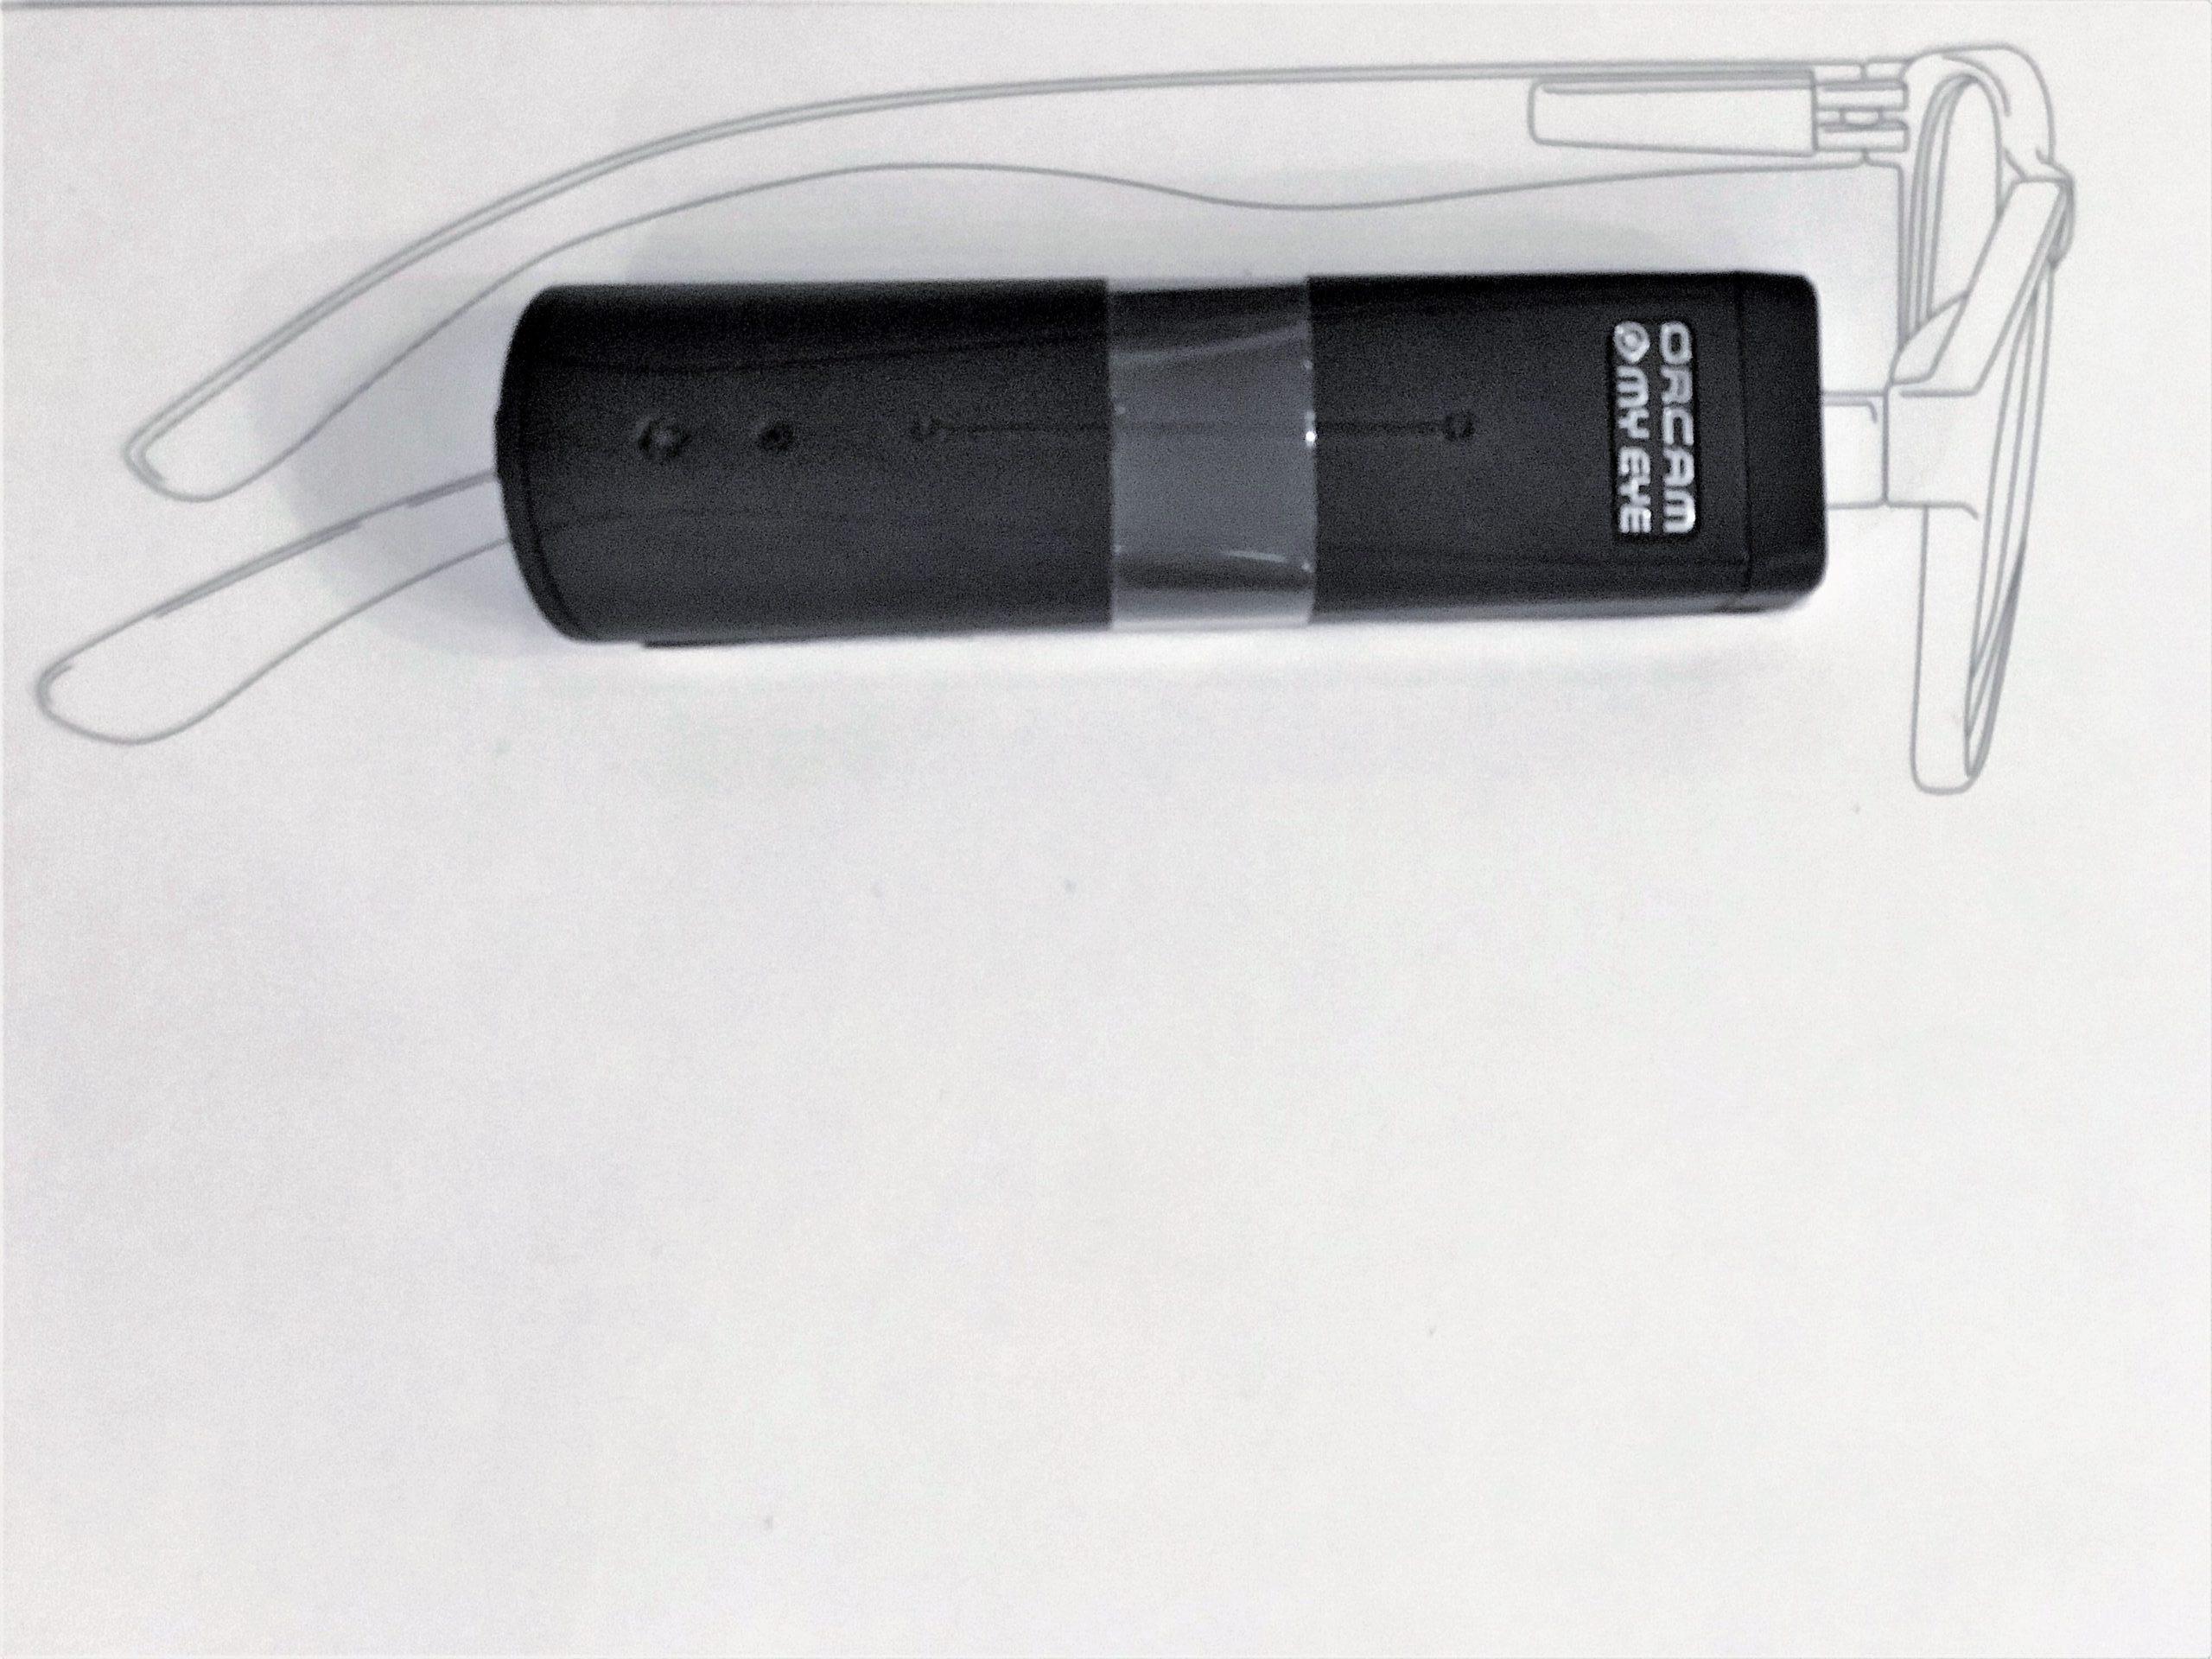 Dispositivo de visión artificial Orcam my eye